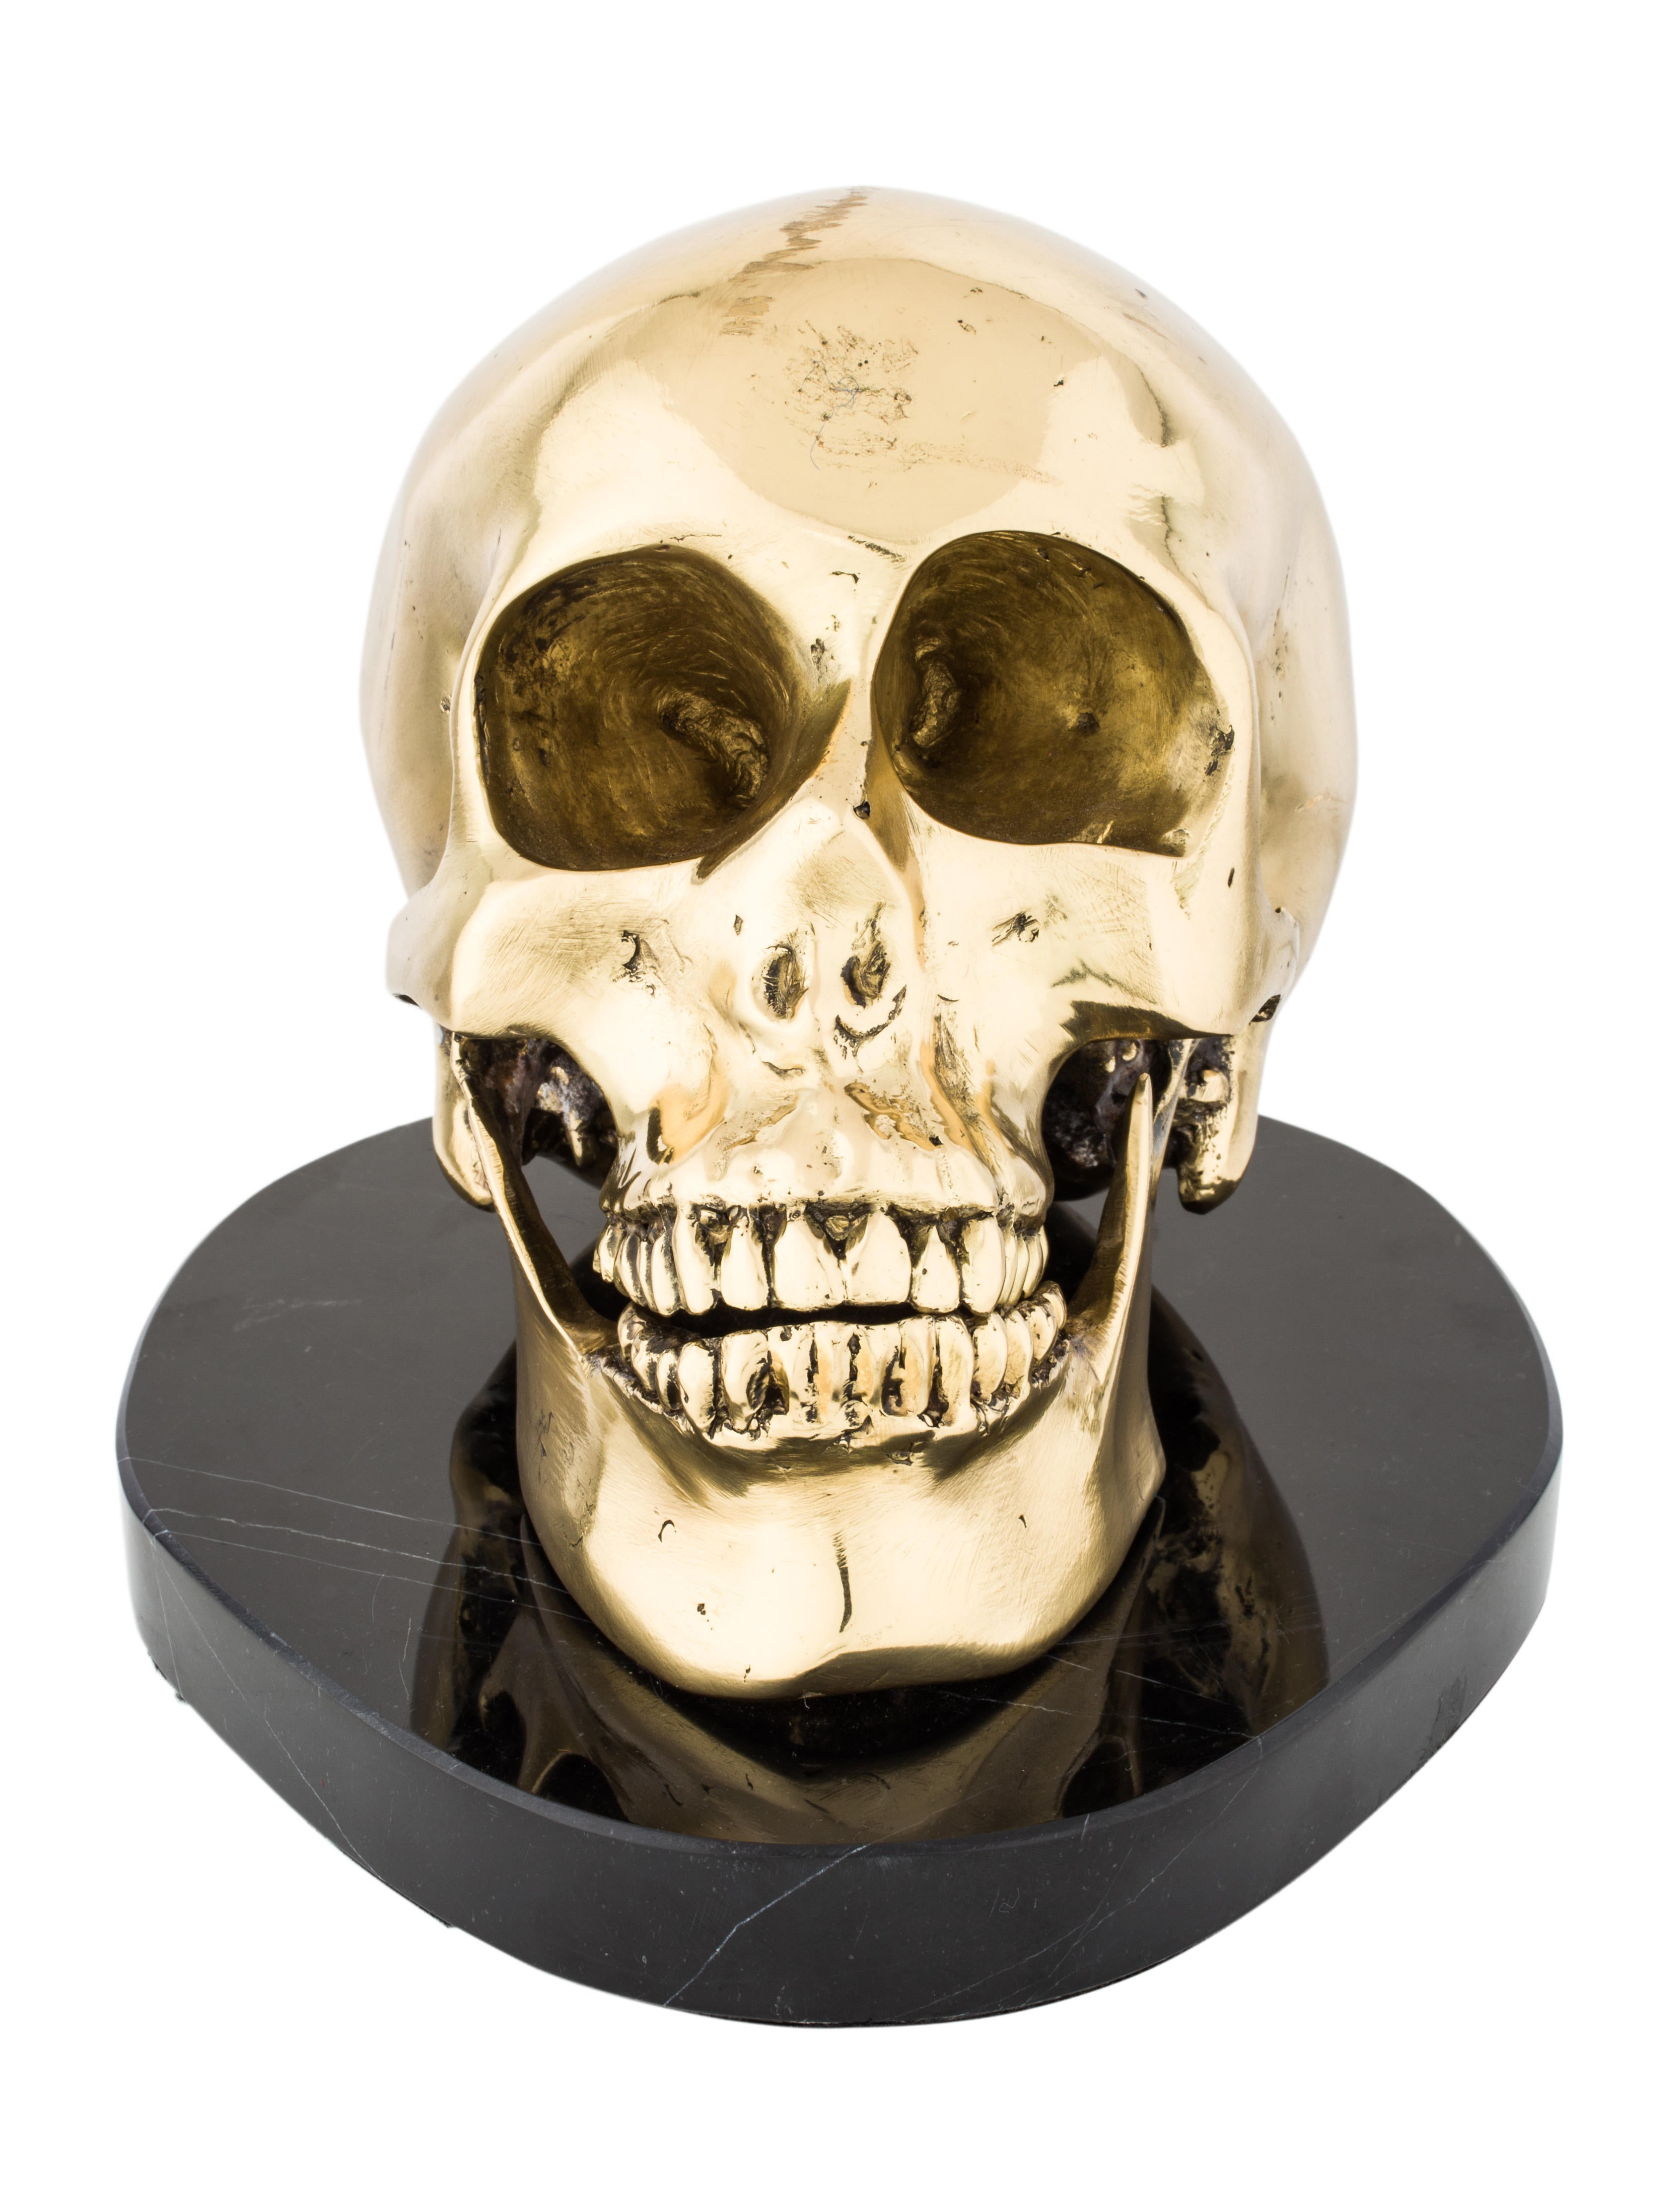 Marble skull figurine decor and accessories decor20658 for Skull home decor